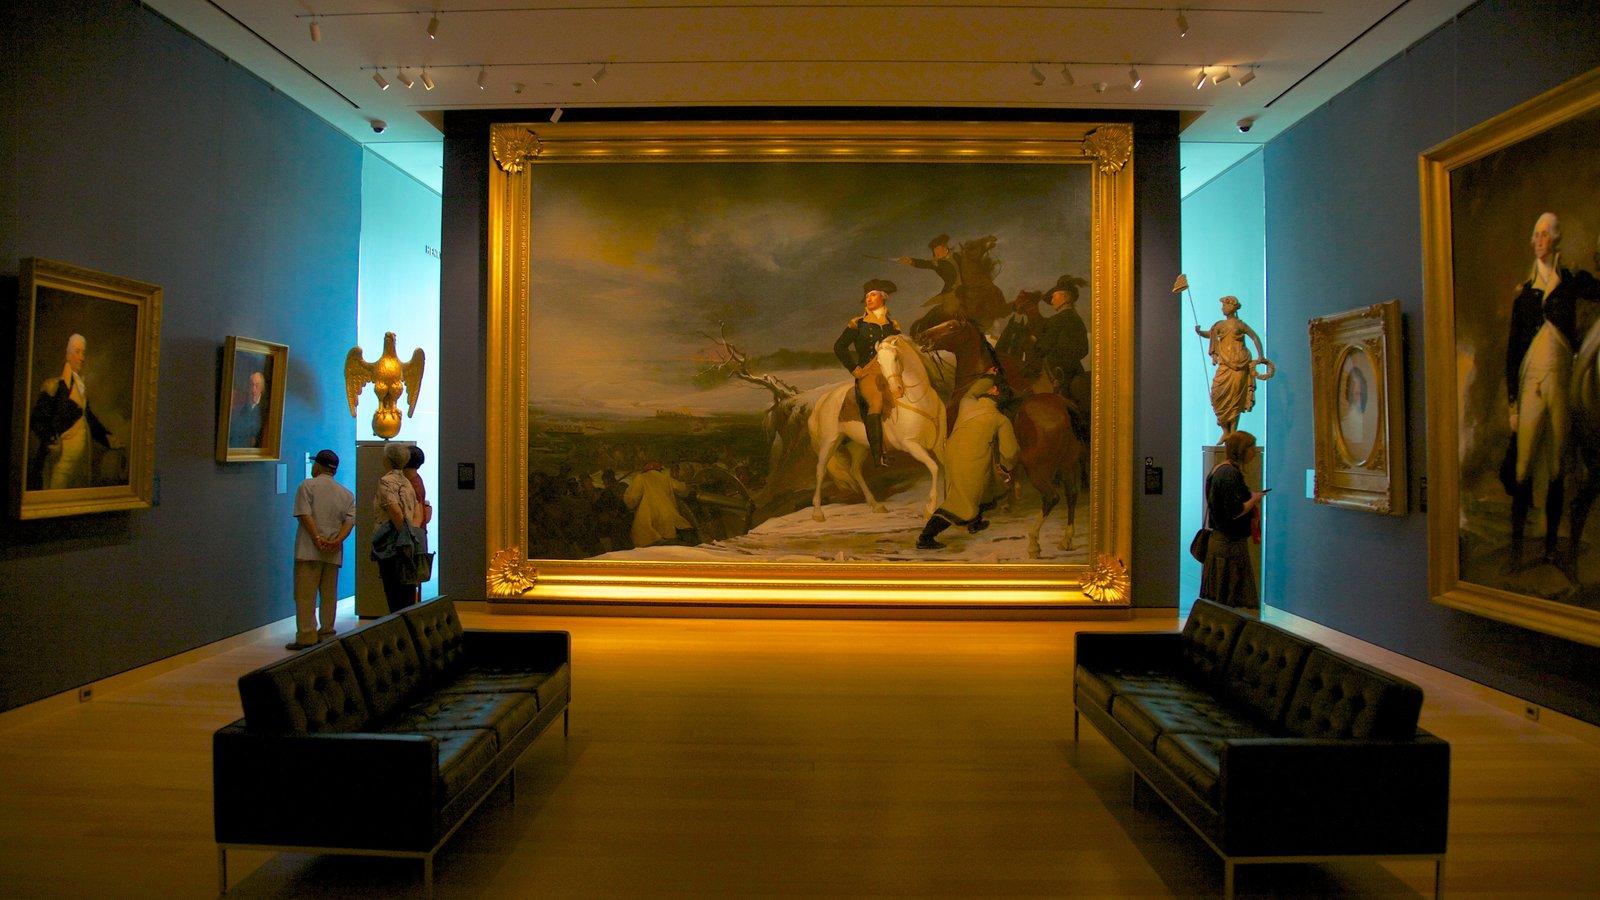 Museo de Bellas Artes de Boston ofreciendo vistas interiores y también un pequeño grupo de personas